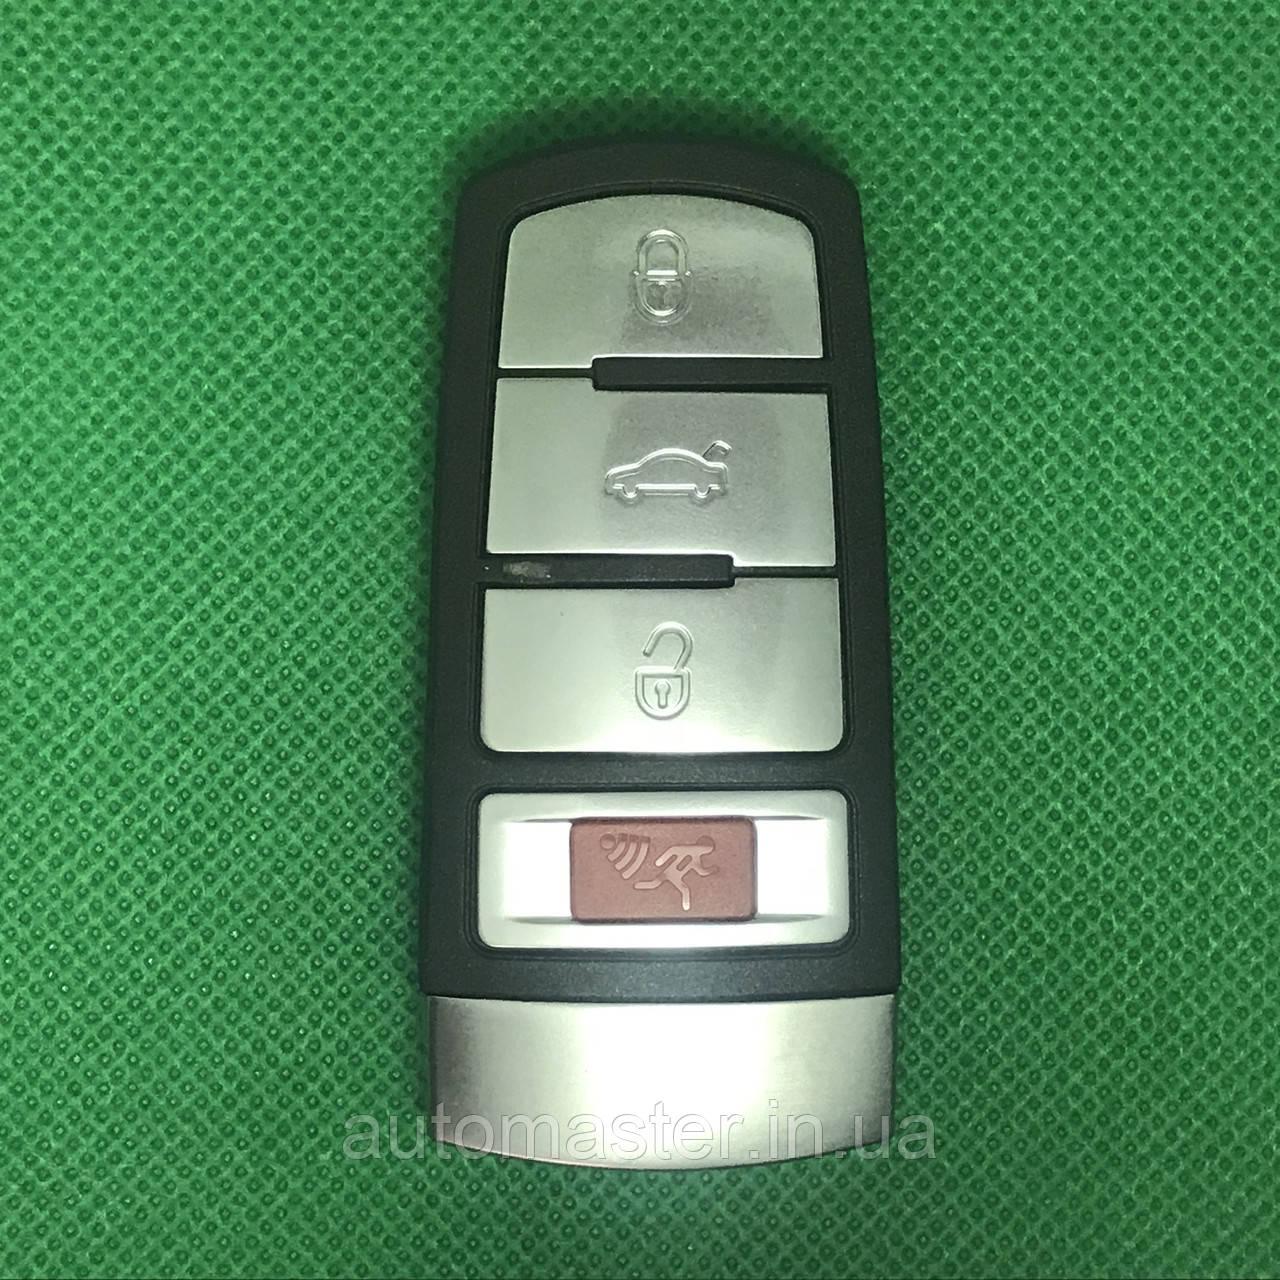 Автомобильный смарт ключ  Фольксваген Volkswagen Passat CC америка 3 кнопки с частотой 315 MHz ID48